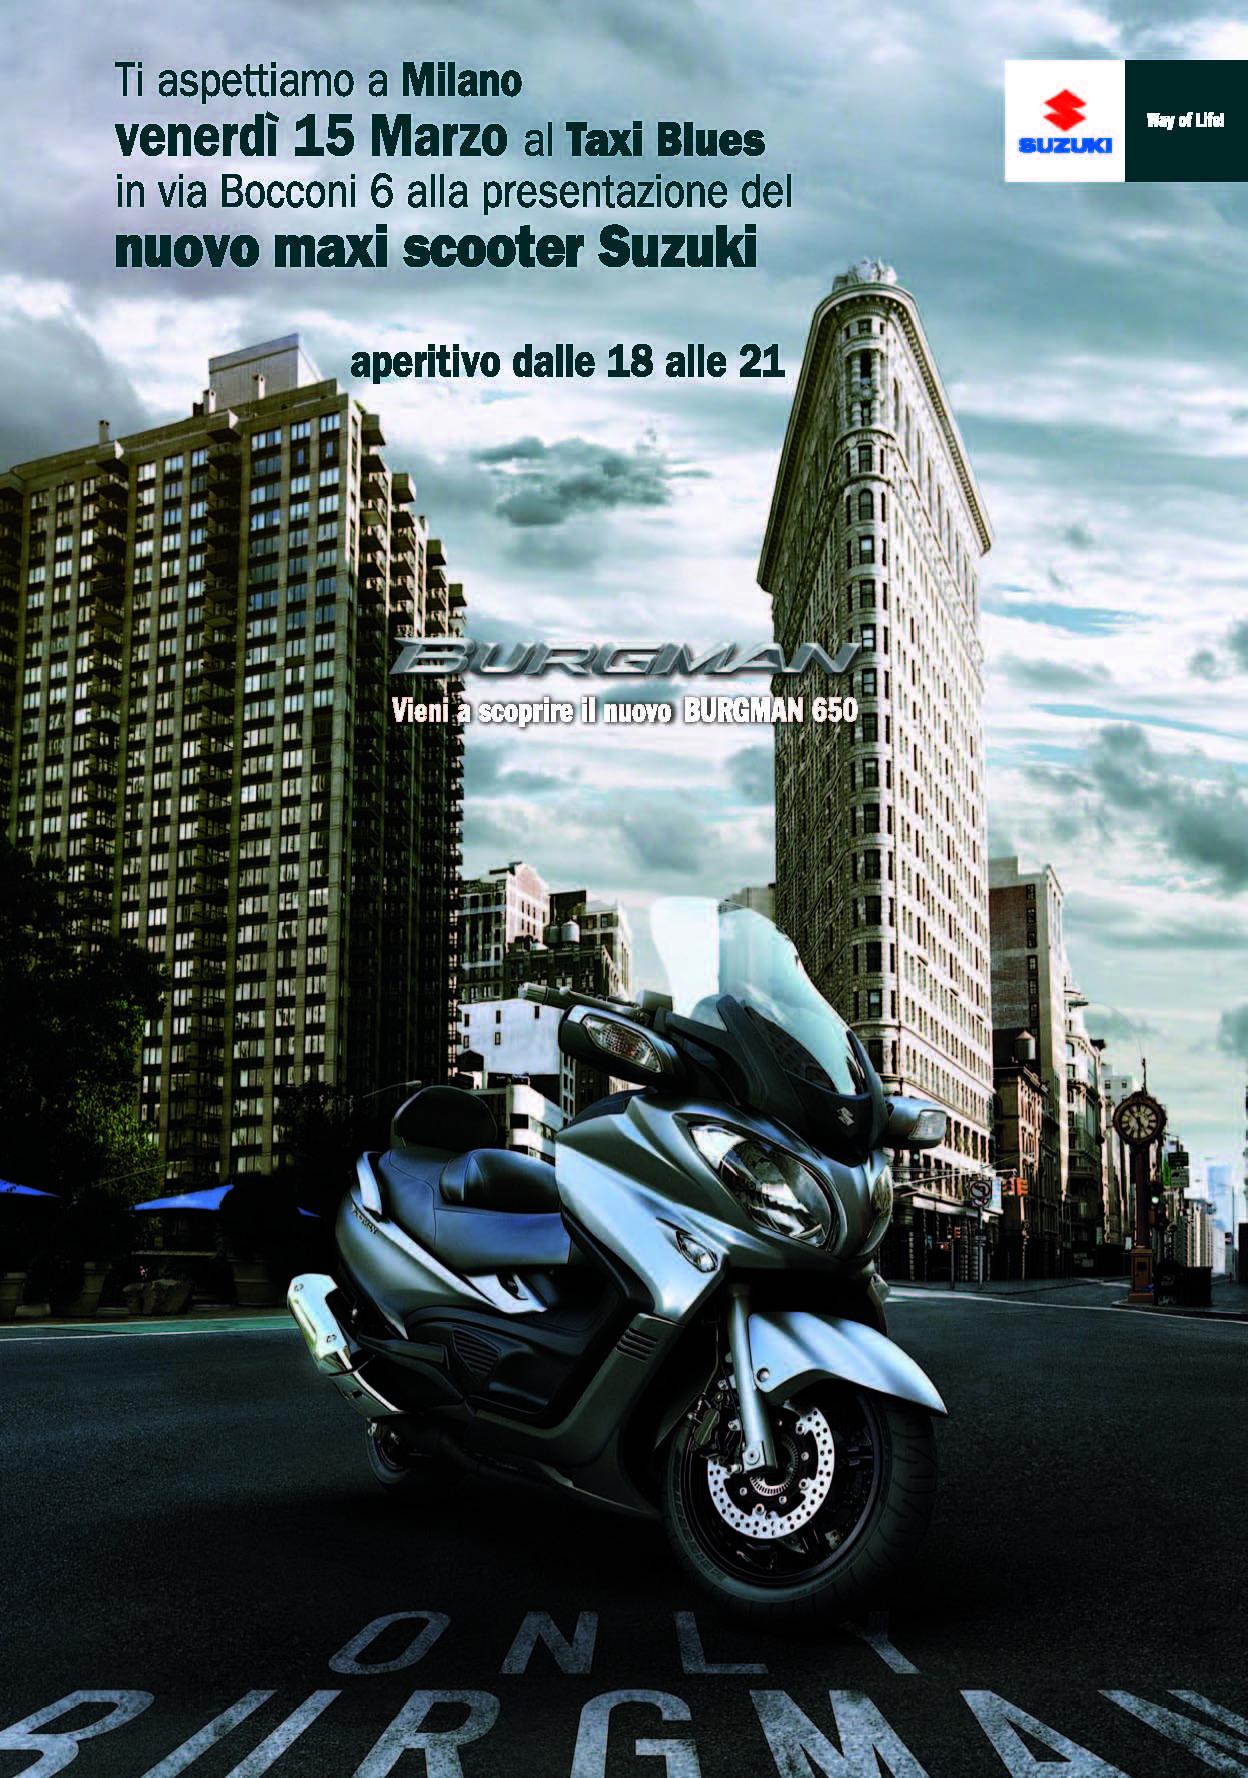 Suzuki presenta il 15 marzo il nuovo maxi scooter Burgman 650 al Taxi Blues